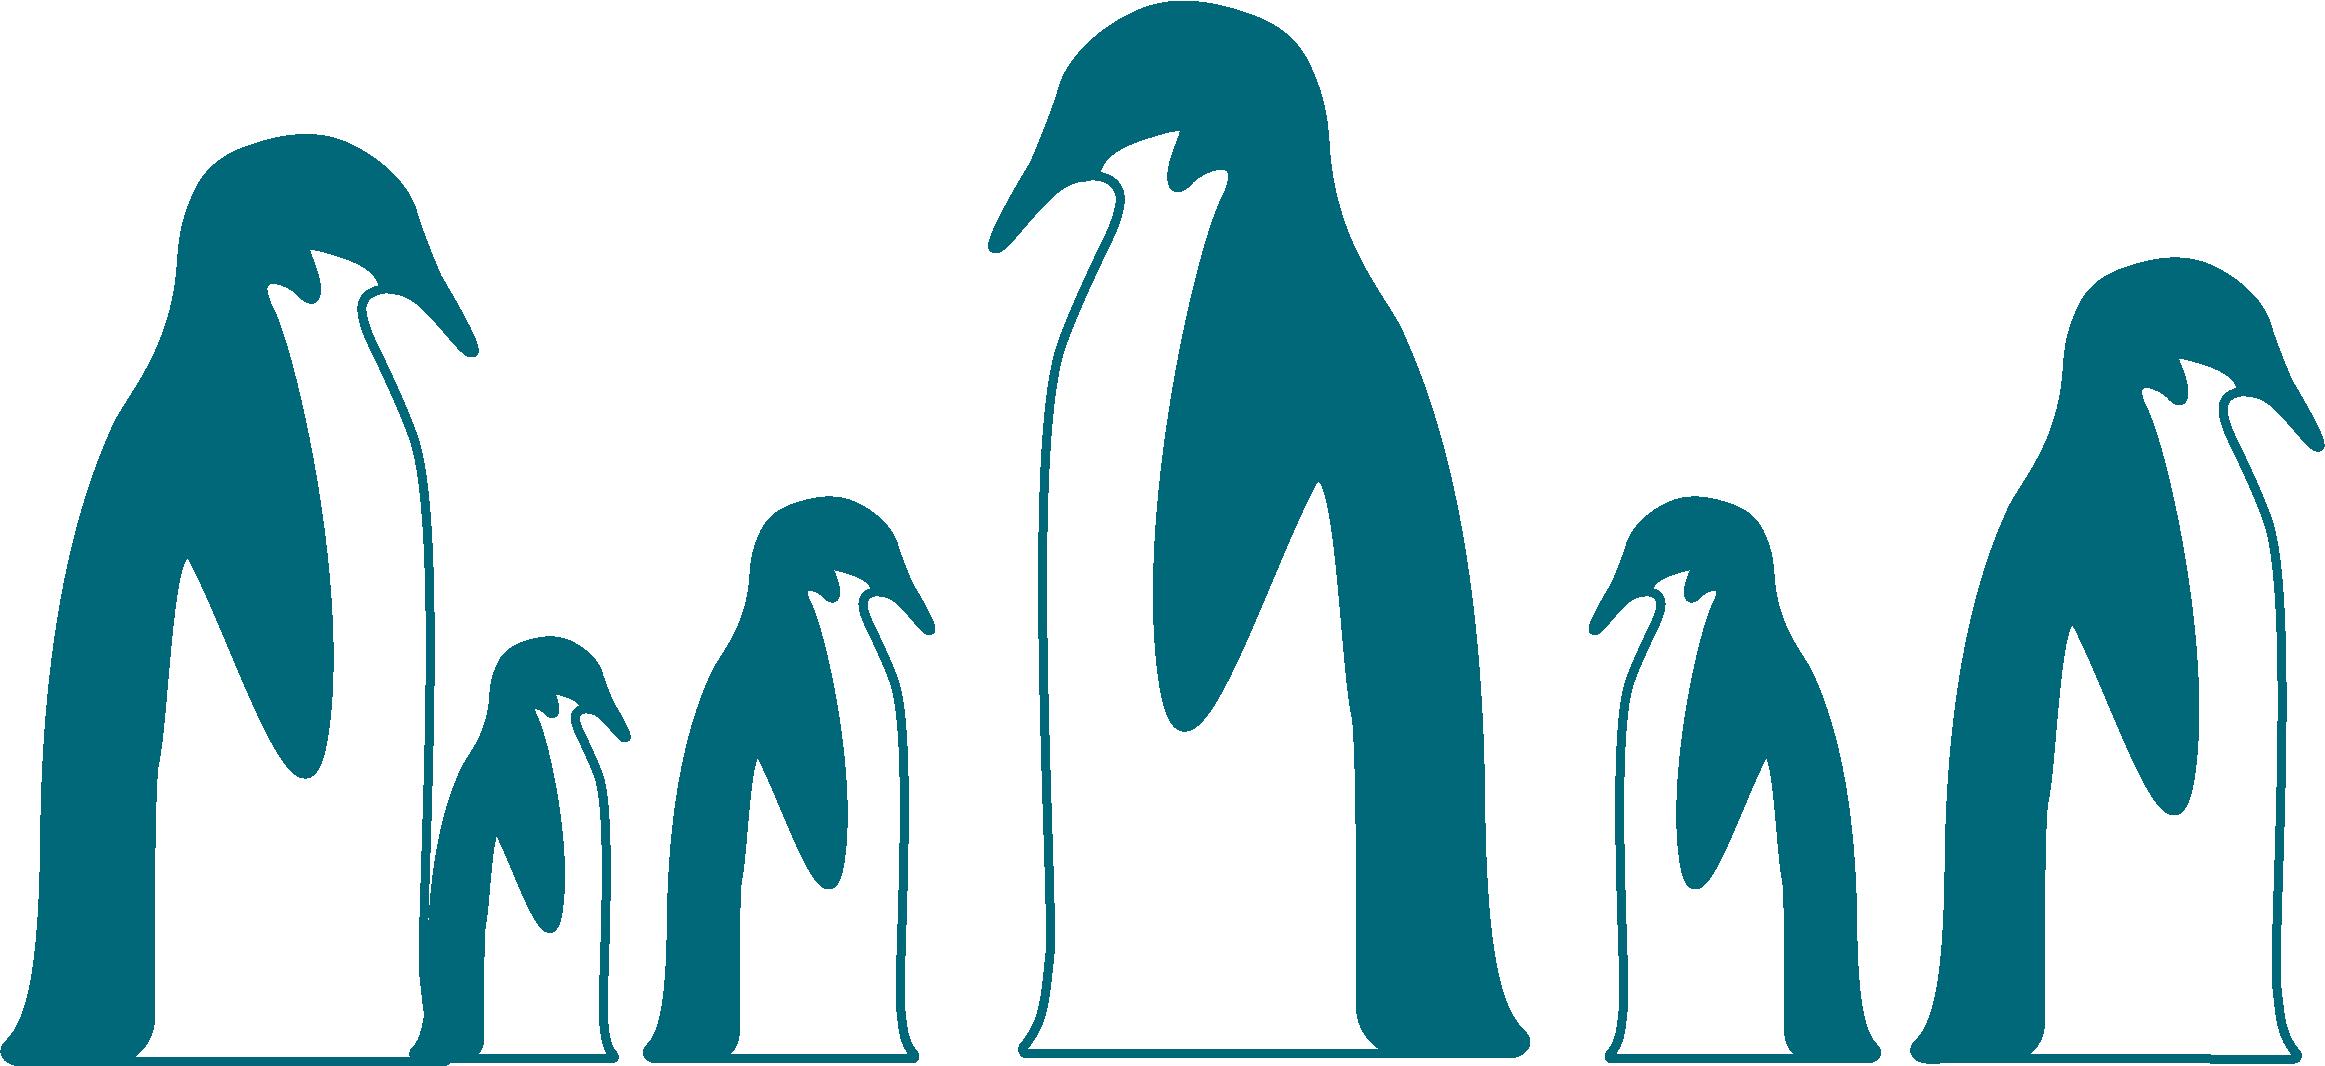 dessin de plusieurs pingouins